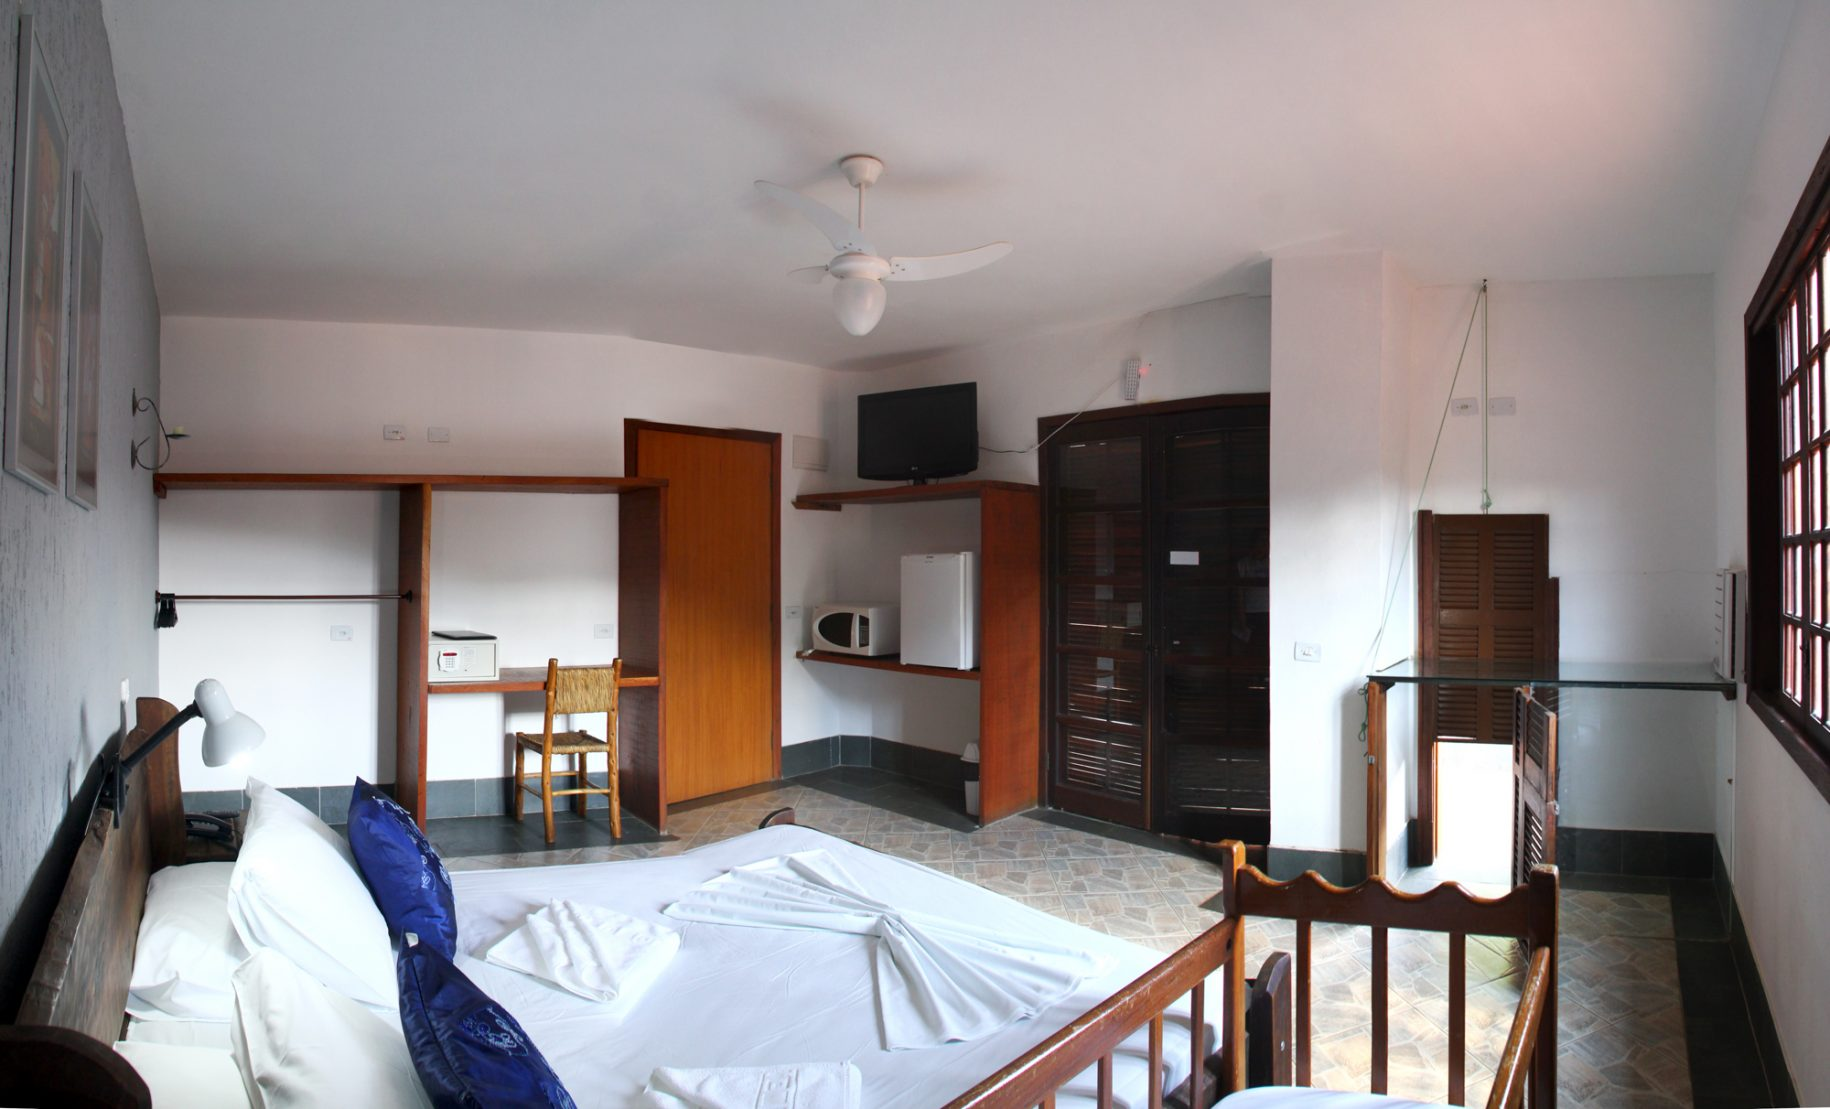 Quarto do hotel fazenda parque dos sonhos com berço, cama de casal, canil acoplado, tv de led, frigobar, microondas, cofre, ventilador de teto